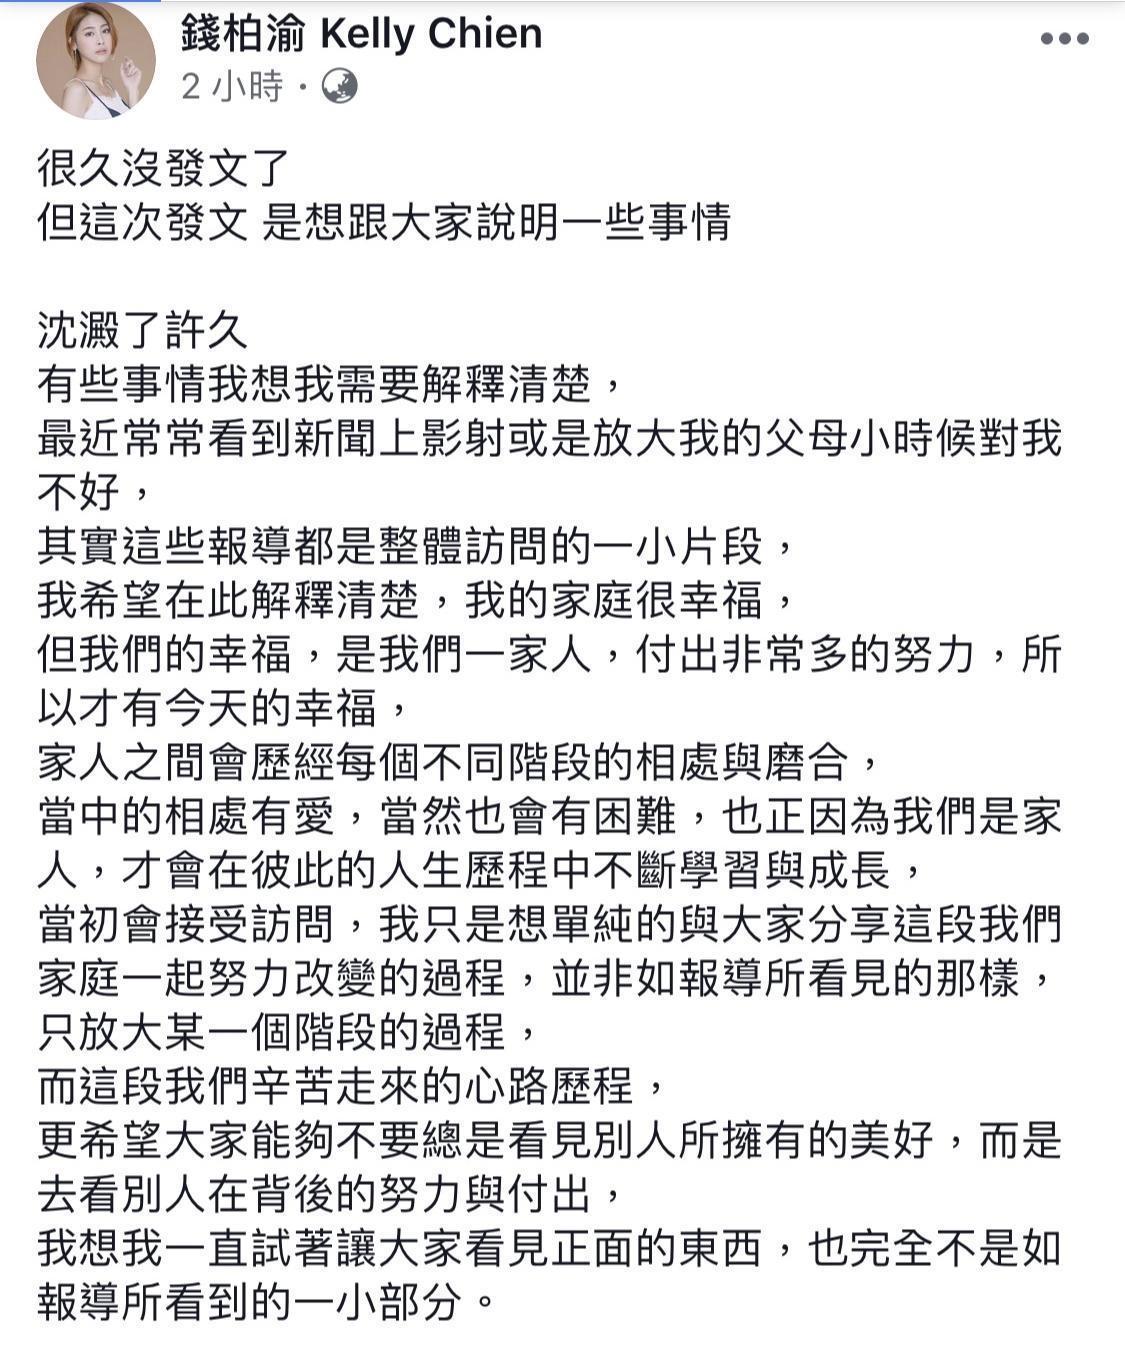 錢柏渝久未在臉書發文,今天特別發文澄清媒體的胡亂報導。(翻攝自錢柏渝臉書)